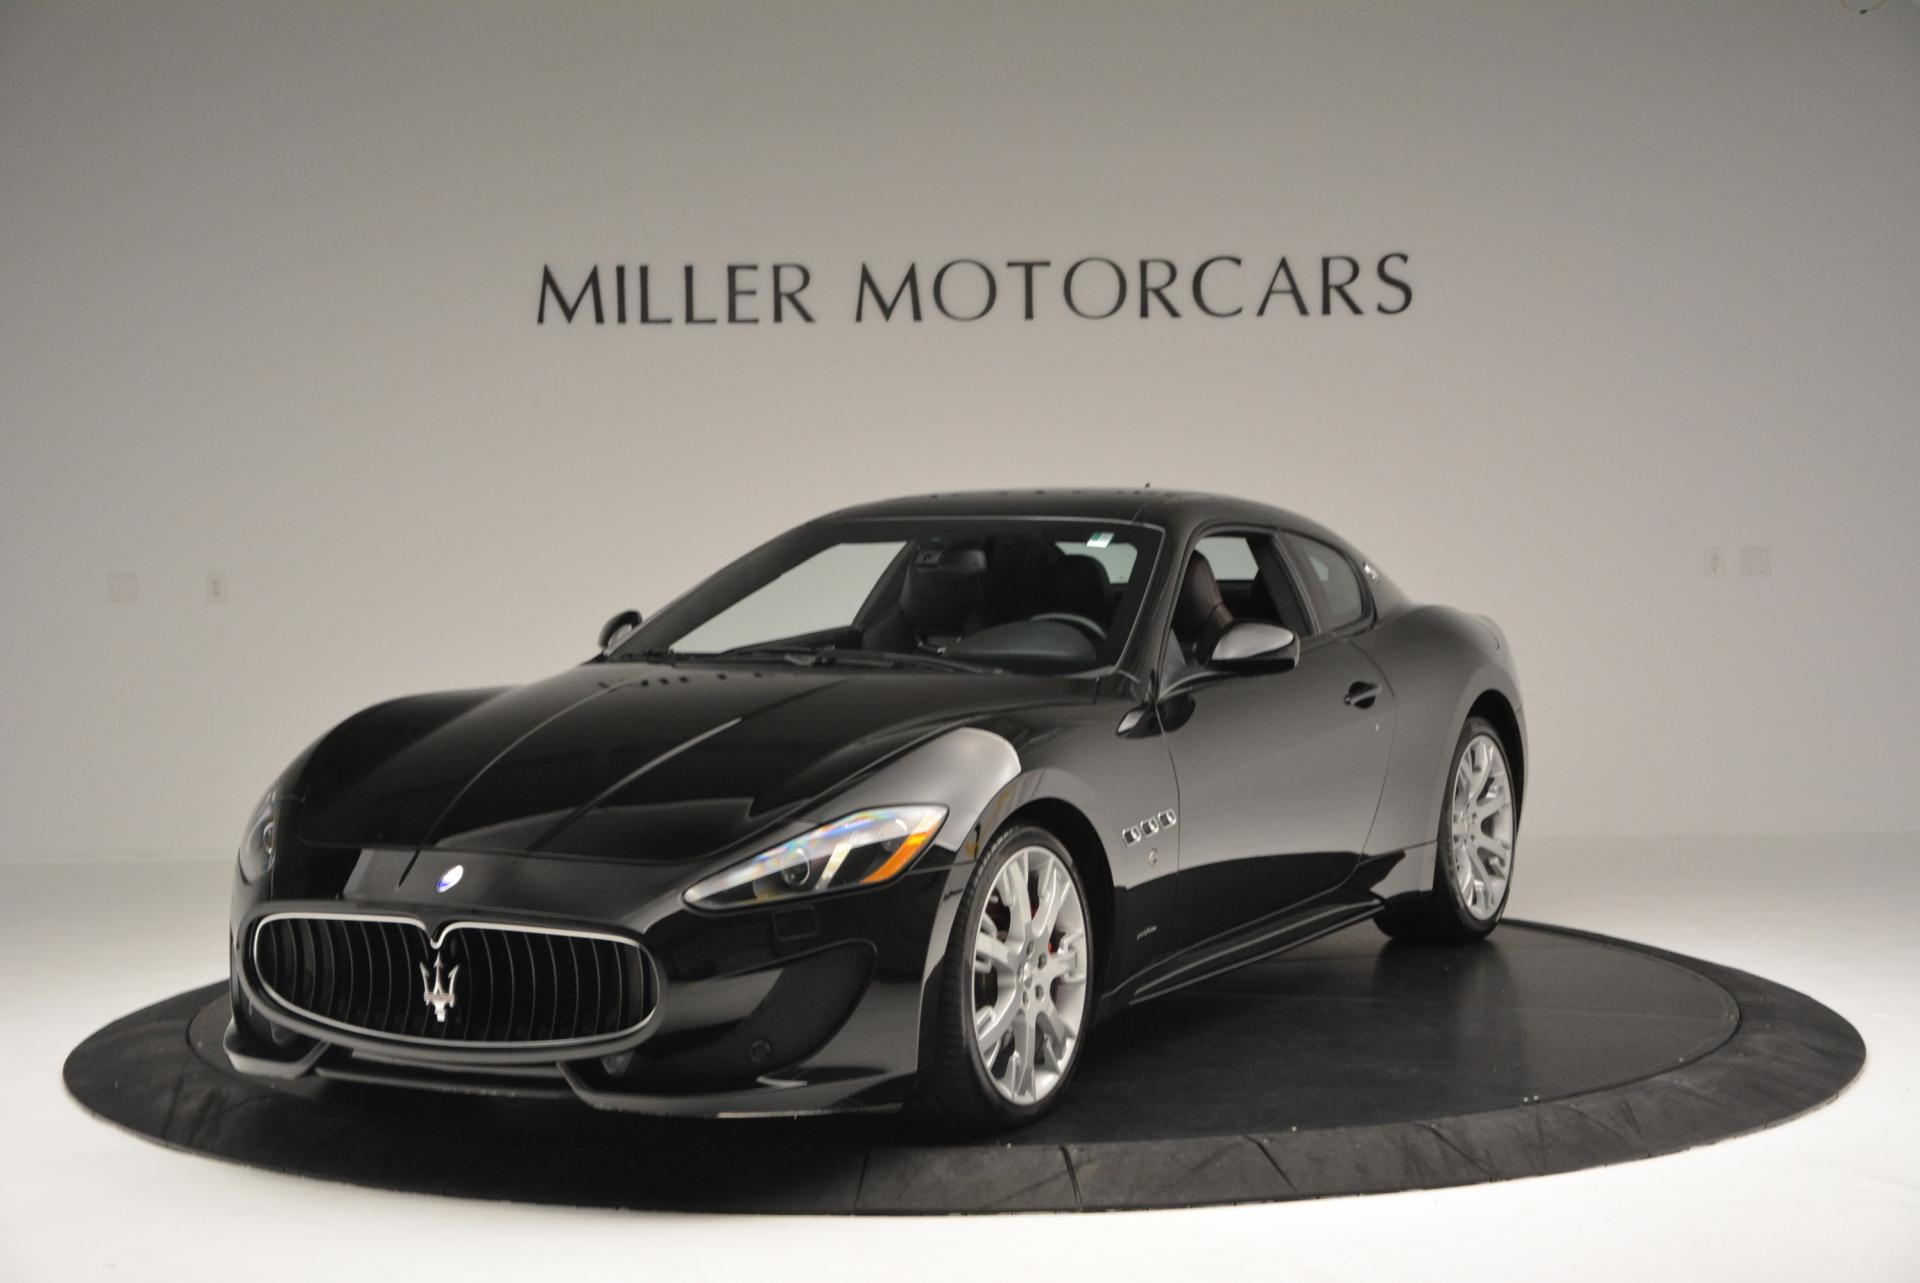 Used 2013 Maserati GranTurismo Sport For Sale In Greenwich, CT. Alfa Romeo of Greenwich, 1264 46_main